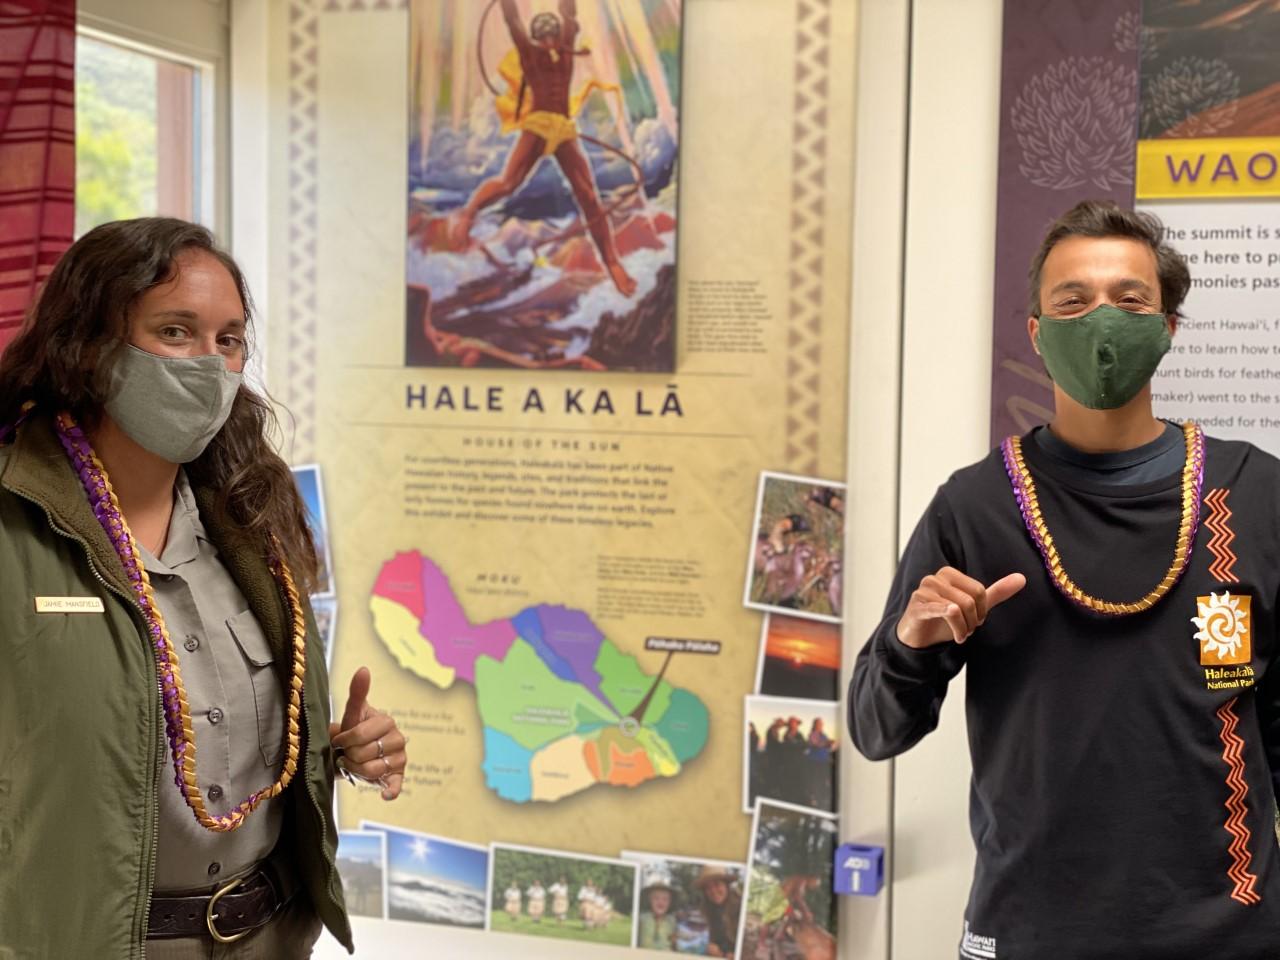 """Haleakalā National Park Launches New Webpage """"Nā Wāhine o Haleakalā: Women of Haleakalā"""""""